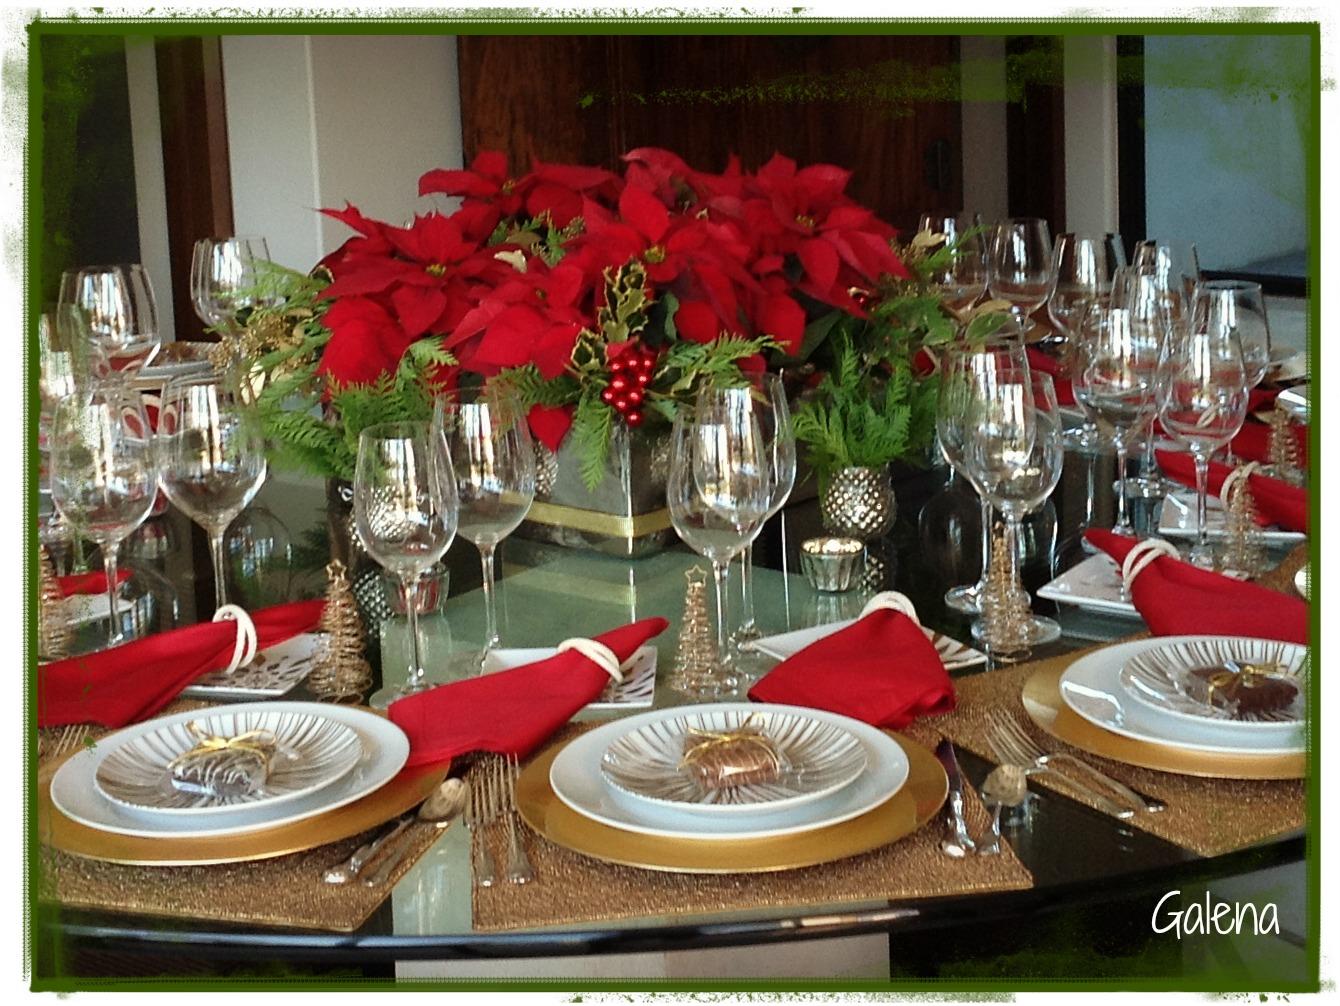 Centro de mesa con nochebuenas ana galena - Centros navidenos de mesa ...